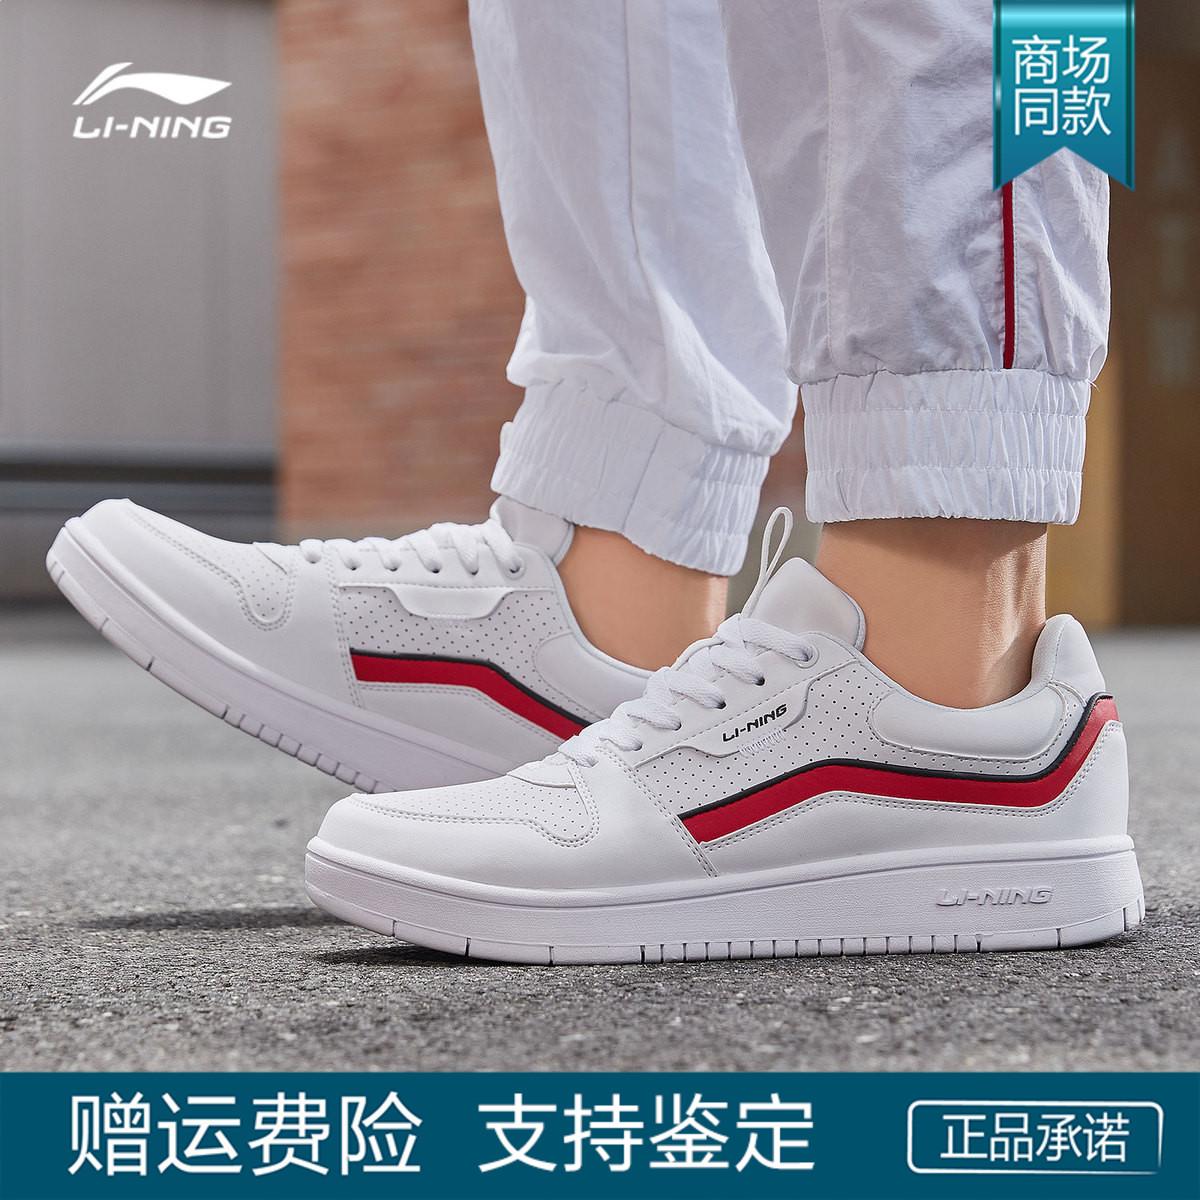 李宁板鞋男鞋2019新款正品小白鞋秋季低帮休闲潮流运动鞋AGCP201